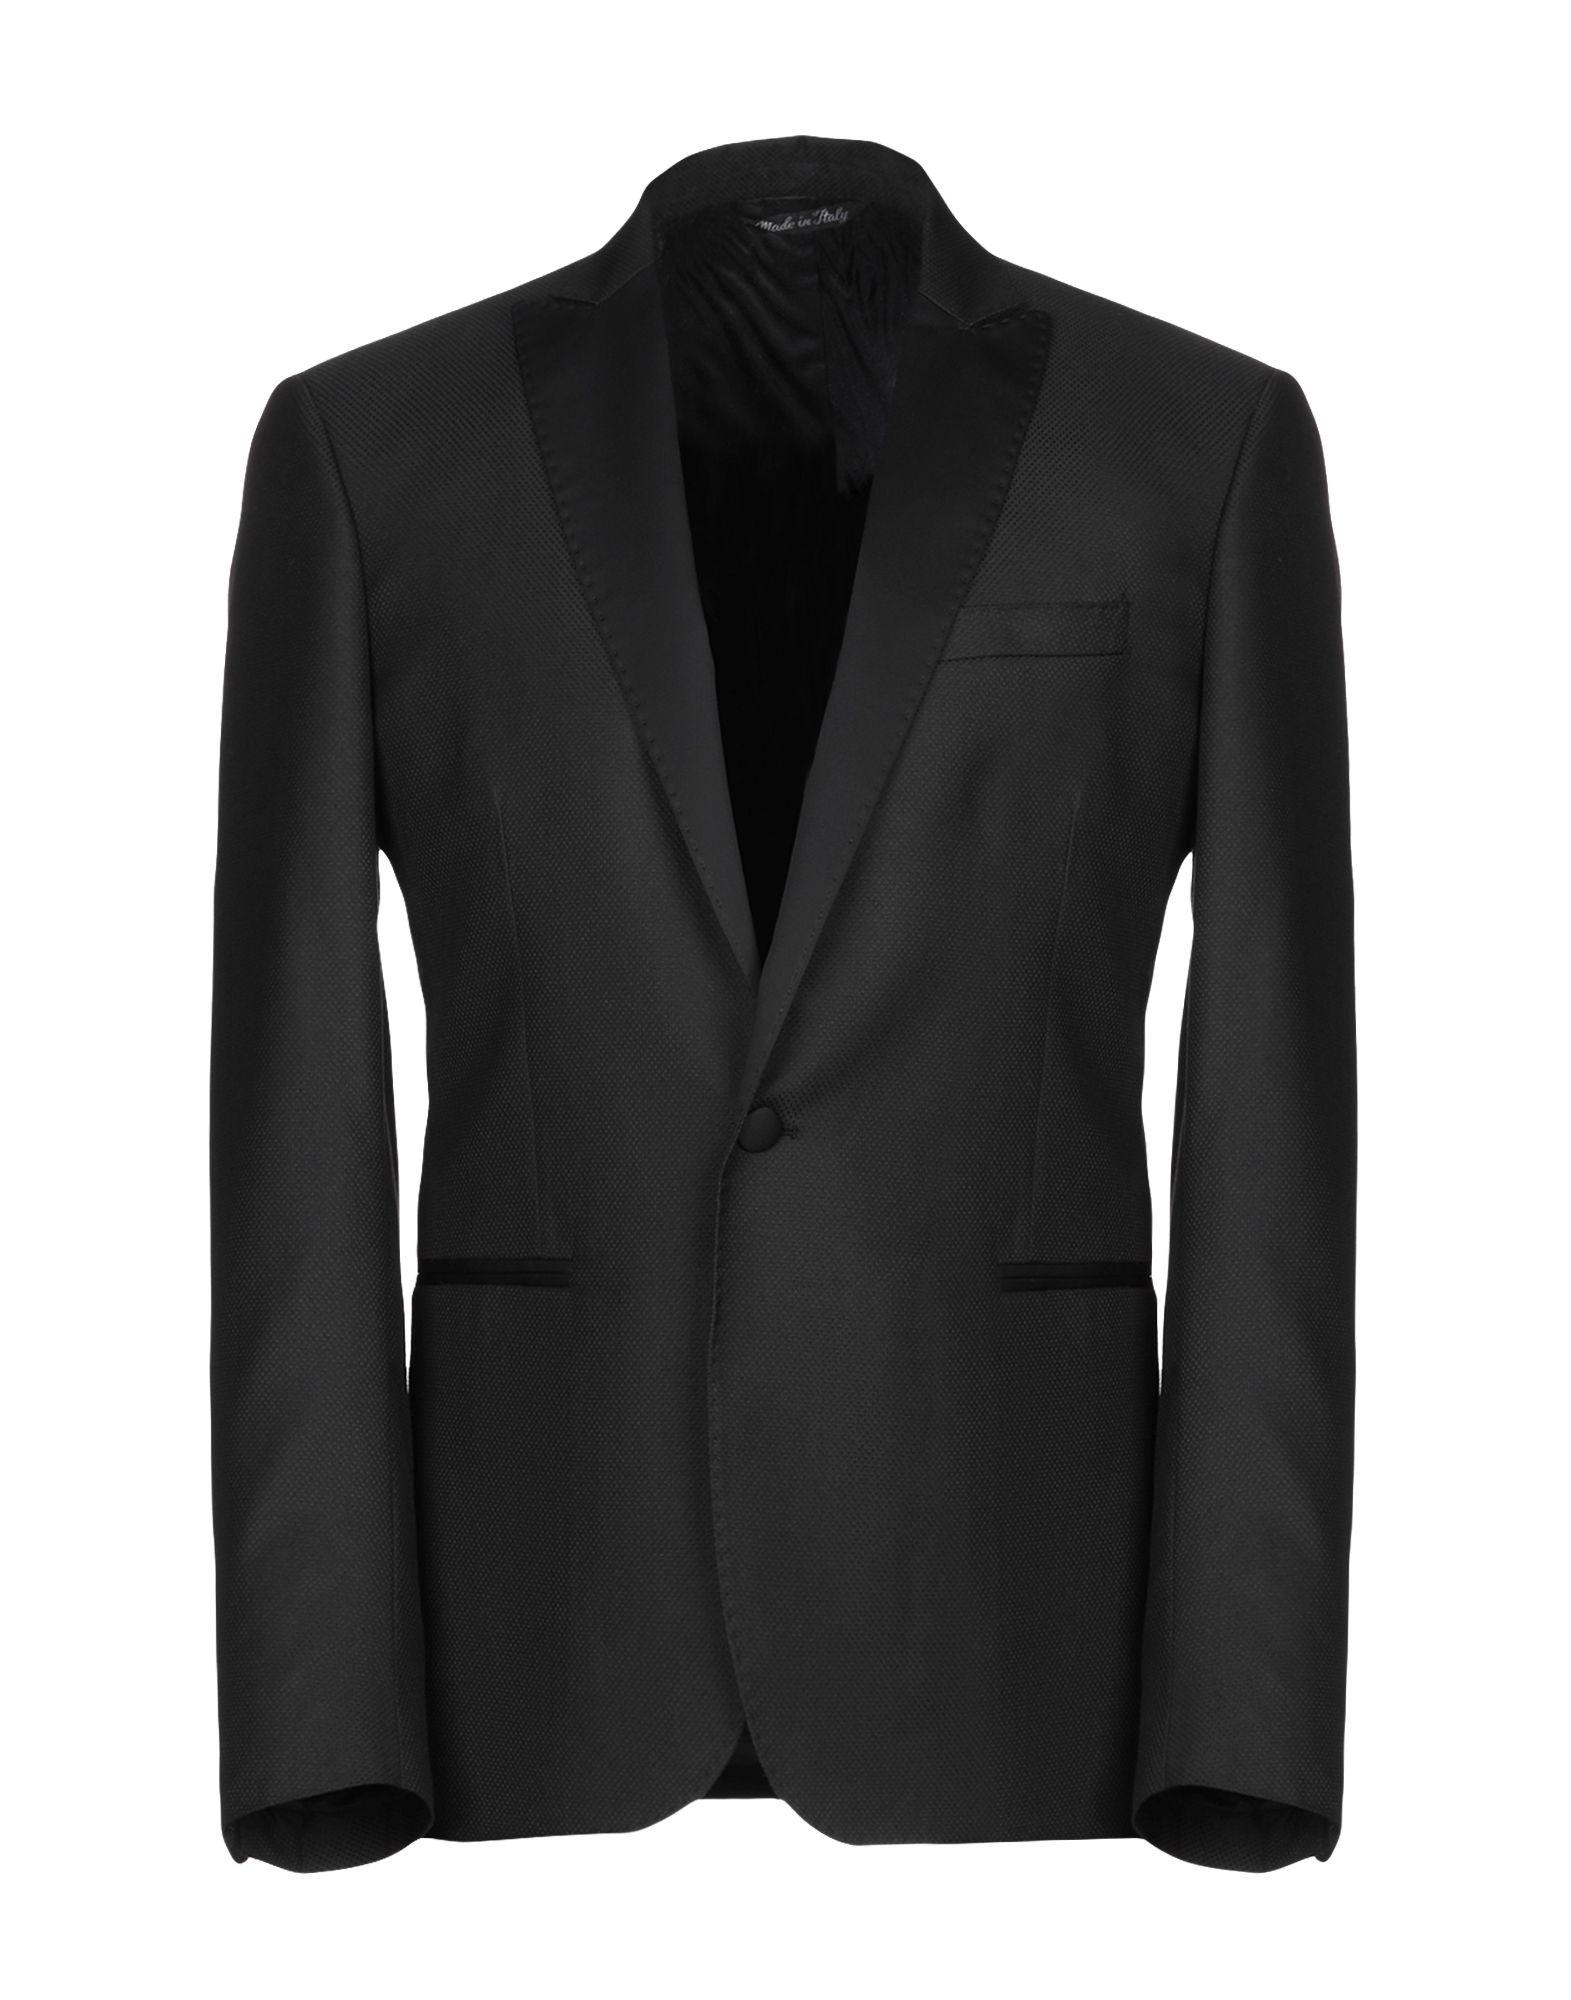 《期間限定セール中》G.B. CENERE メンズ テーラードジャケット ブラック 52 レーヨン 56% / ポリエステル 44%